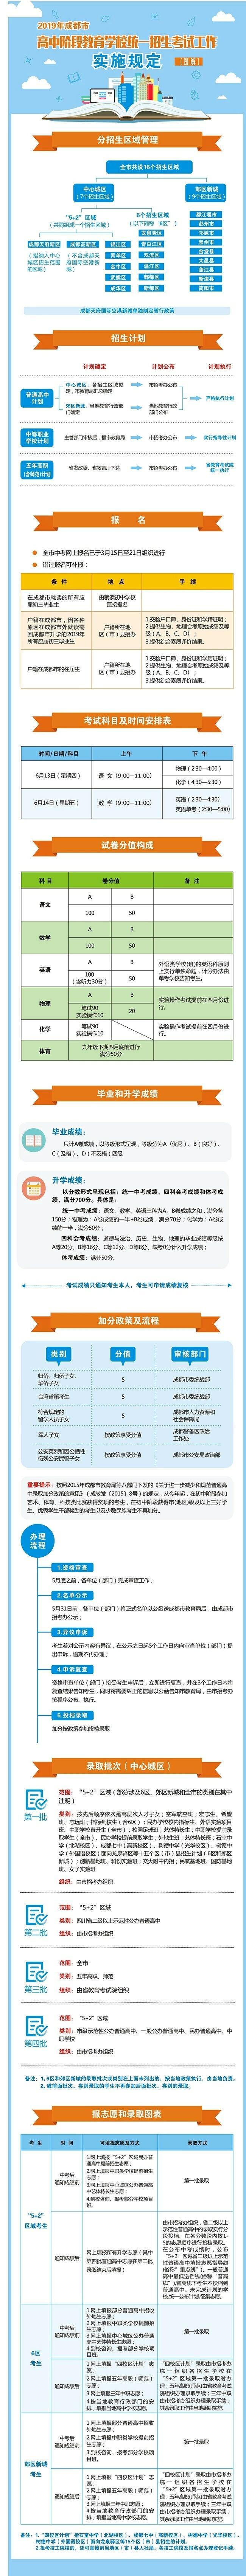 附件3:2019年成都市高中阶段教育学校统一招生考试工作实施规定图解.jpg